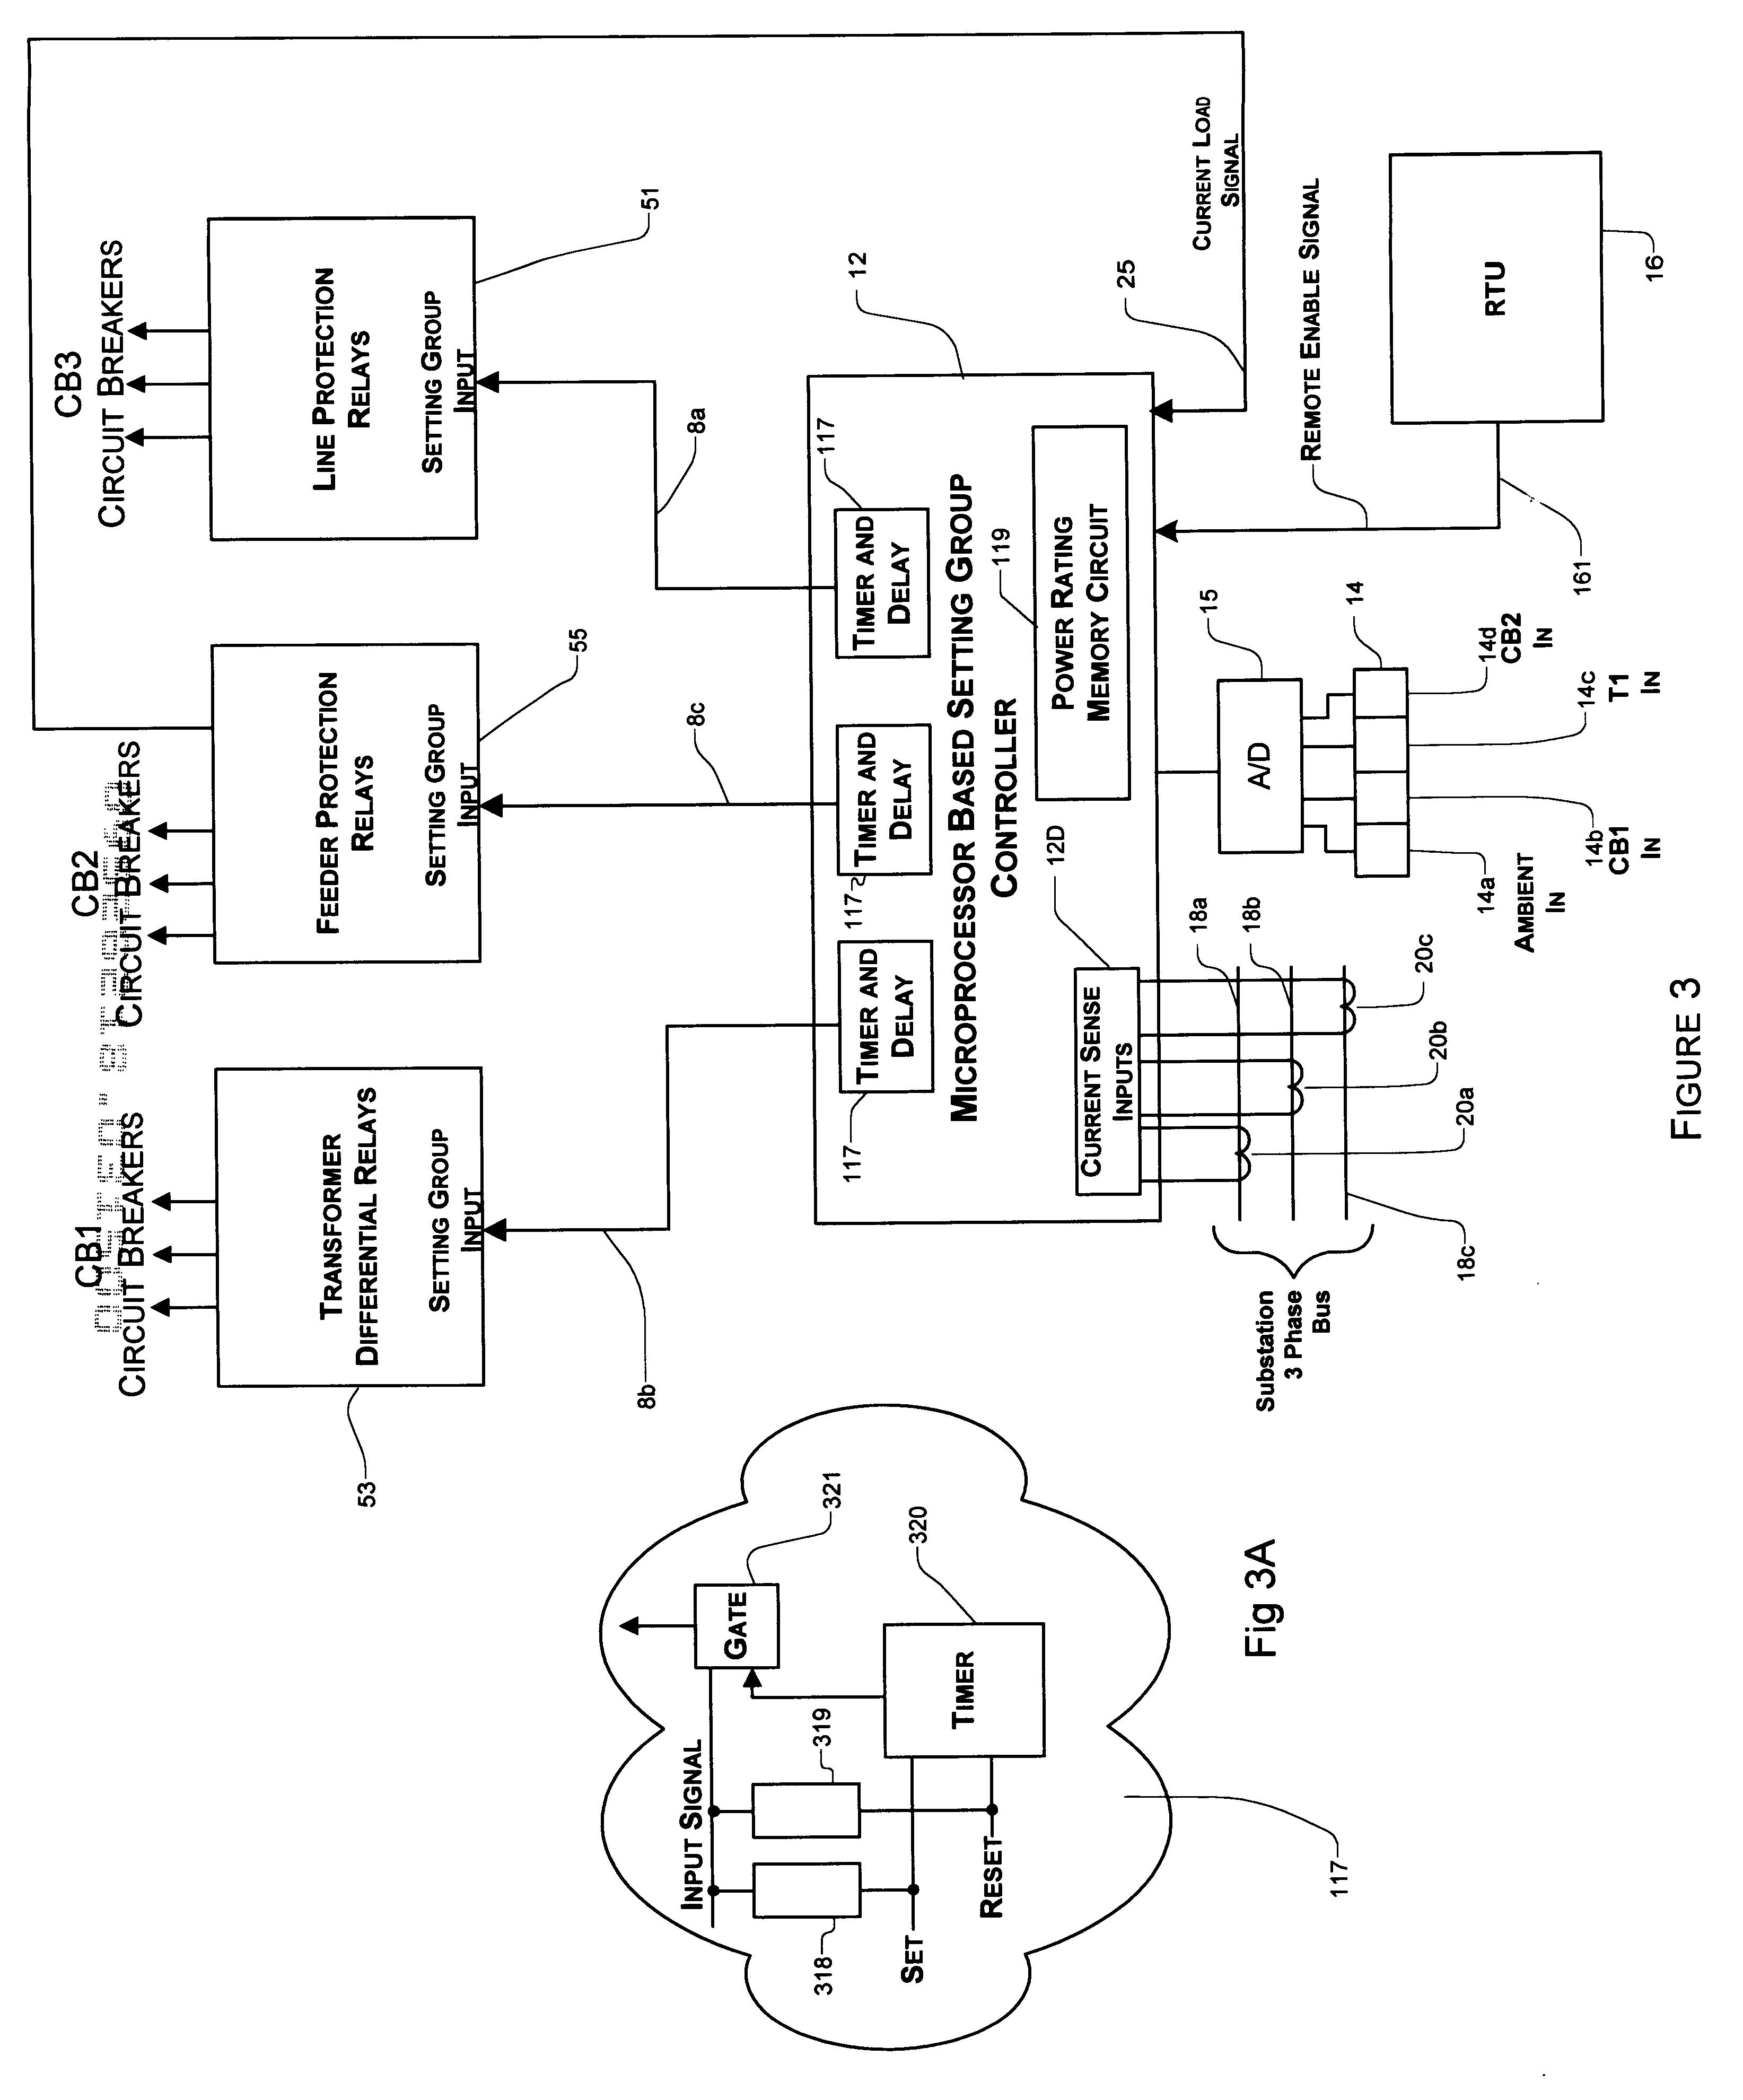 patent us6222714